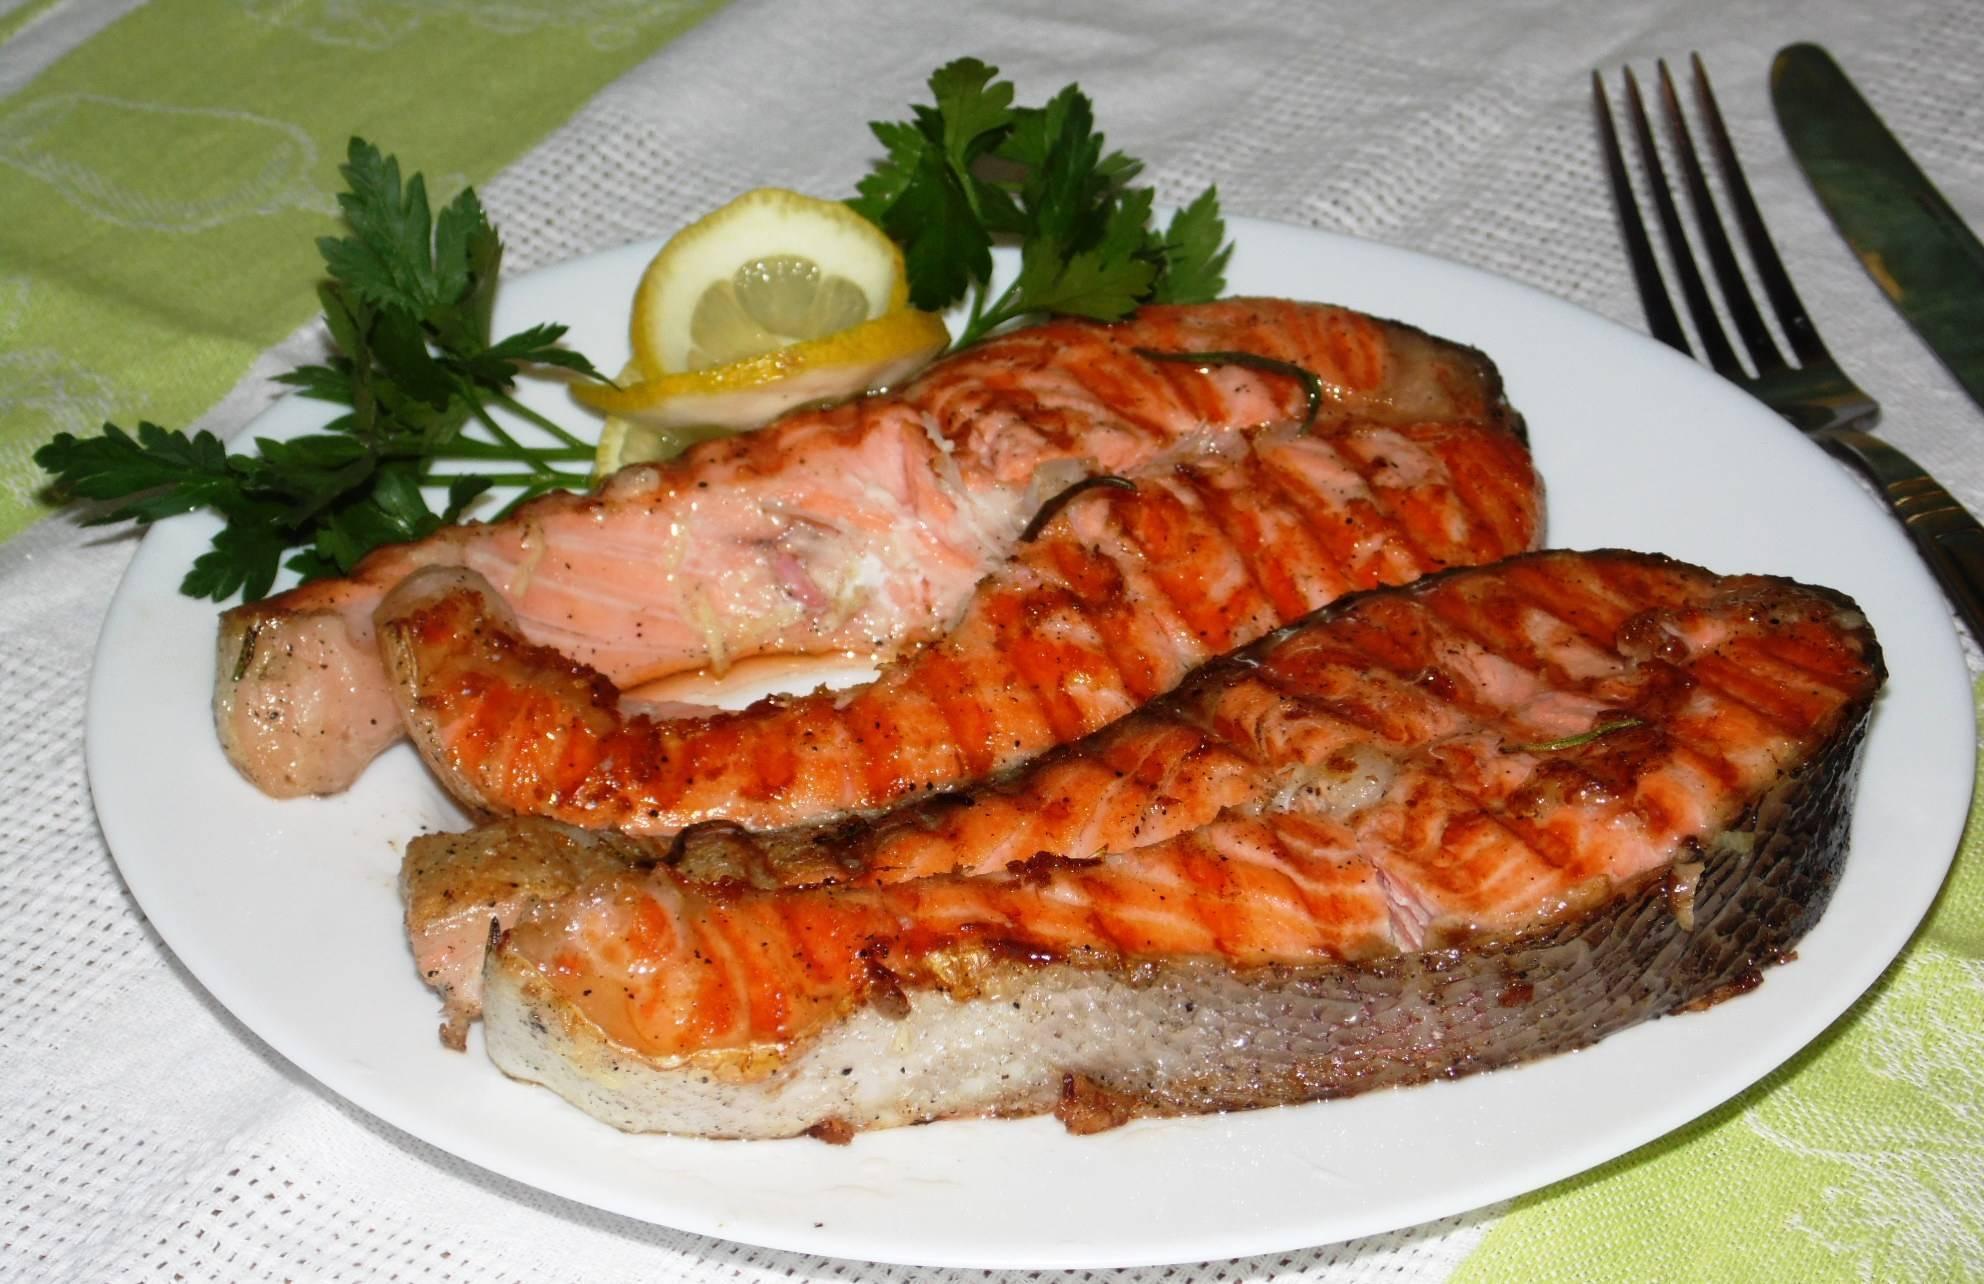 Форель: польза и вред, рецепты приготовления с фото, калорийность